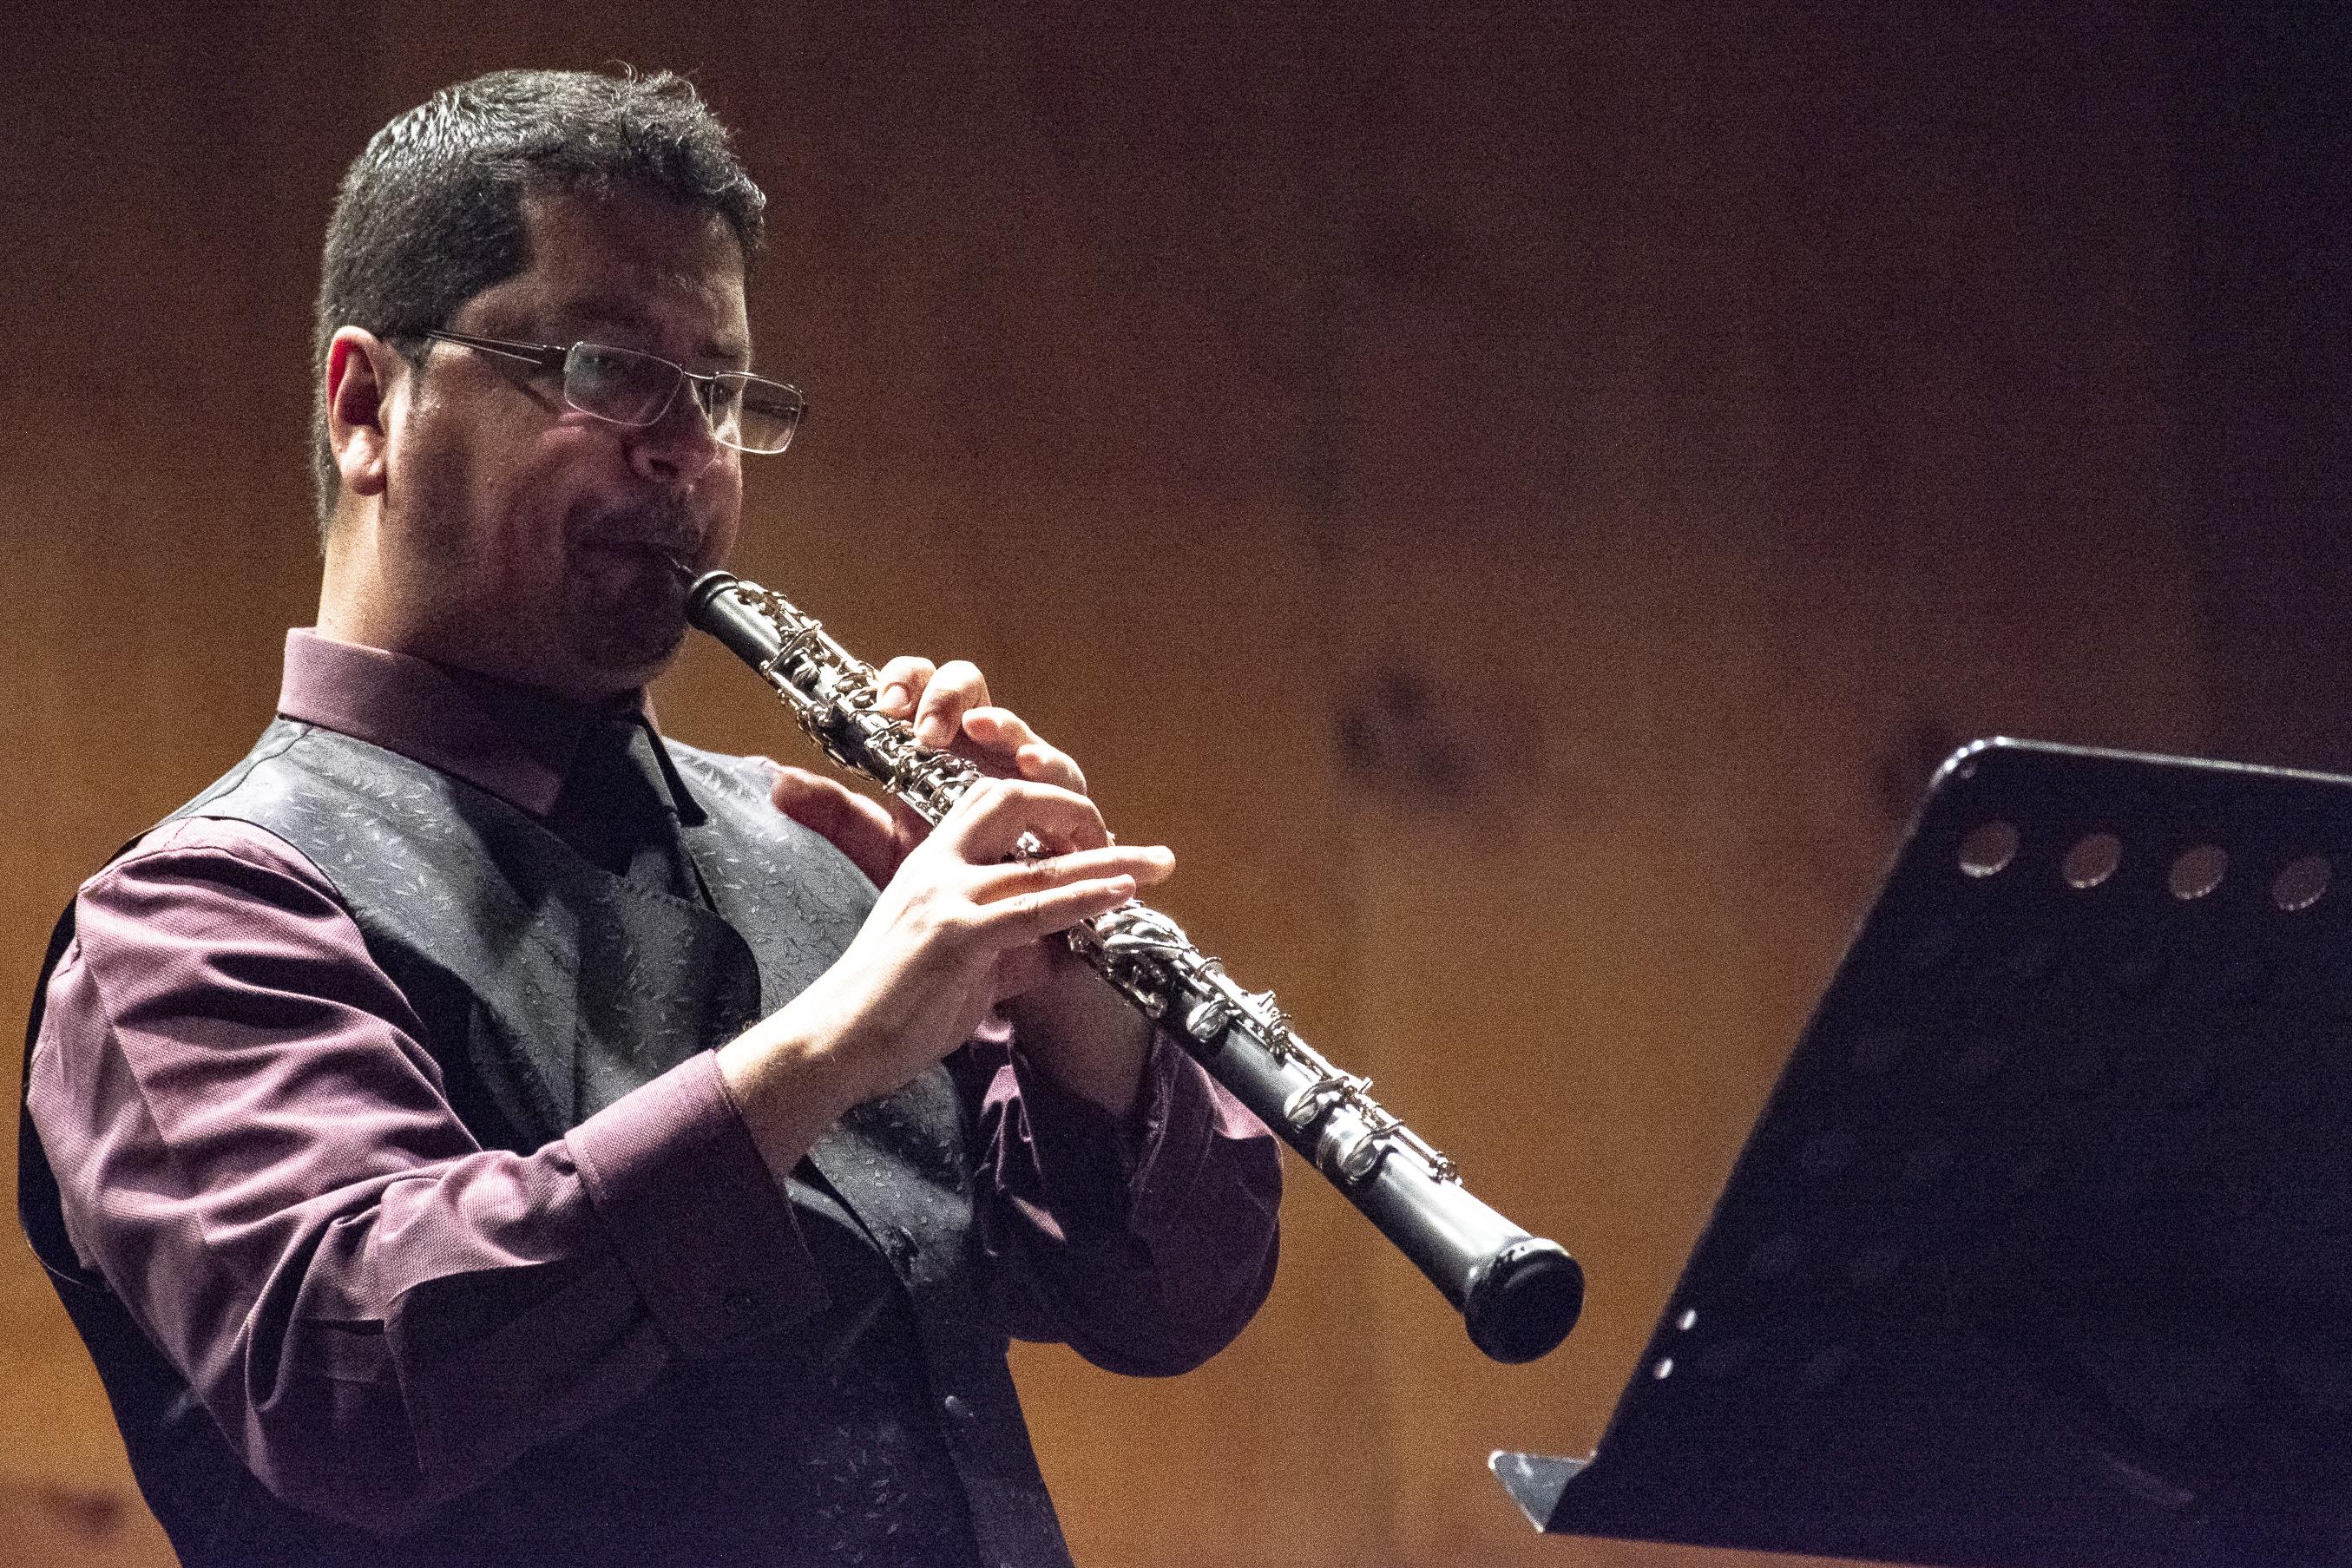 600 beneficiados de SEMANA y Programa Adulto Mejor disfrutaron concierto de la Orquesta de Cámara de Chile